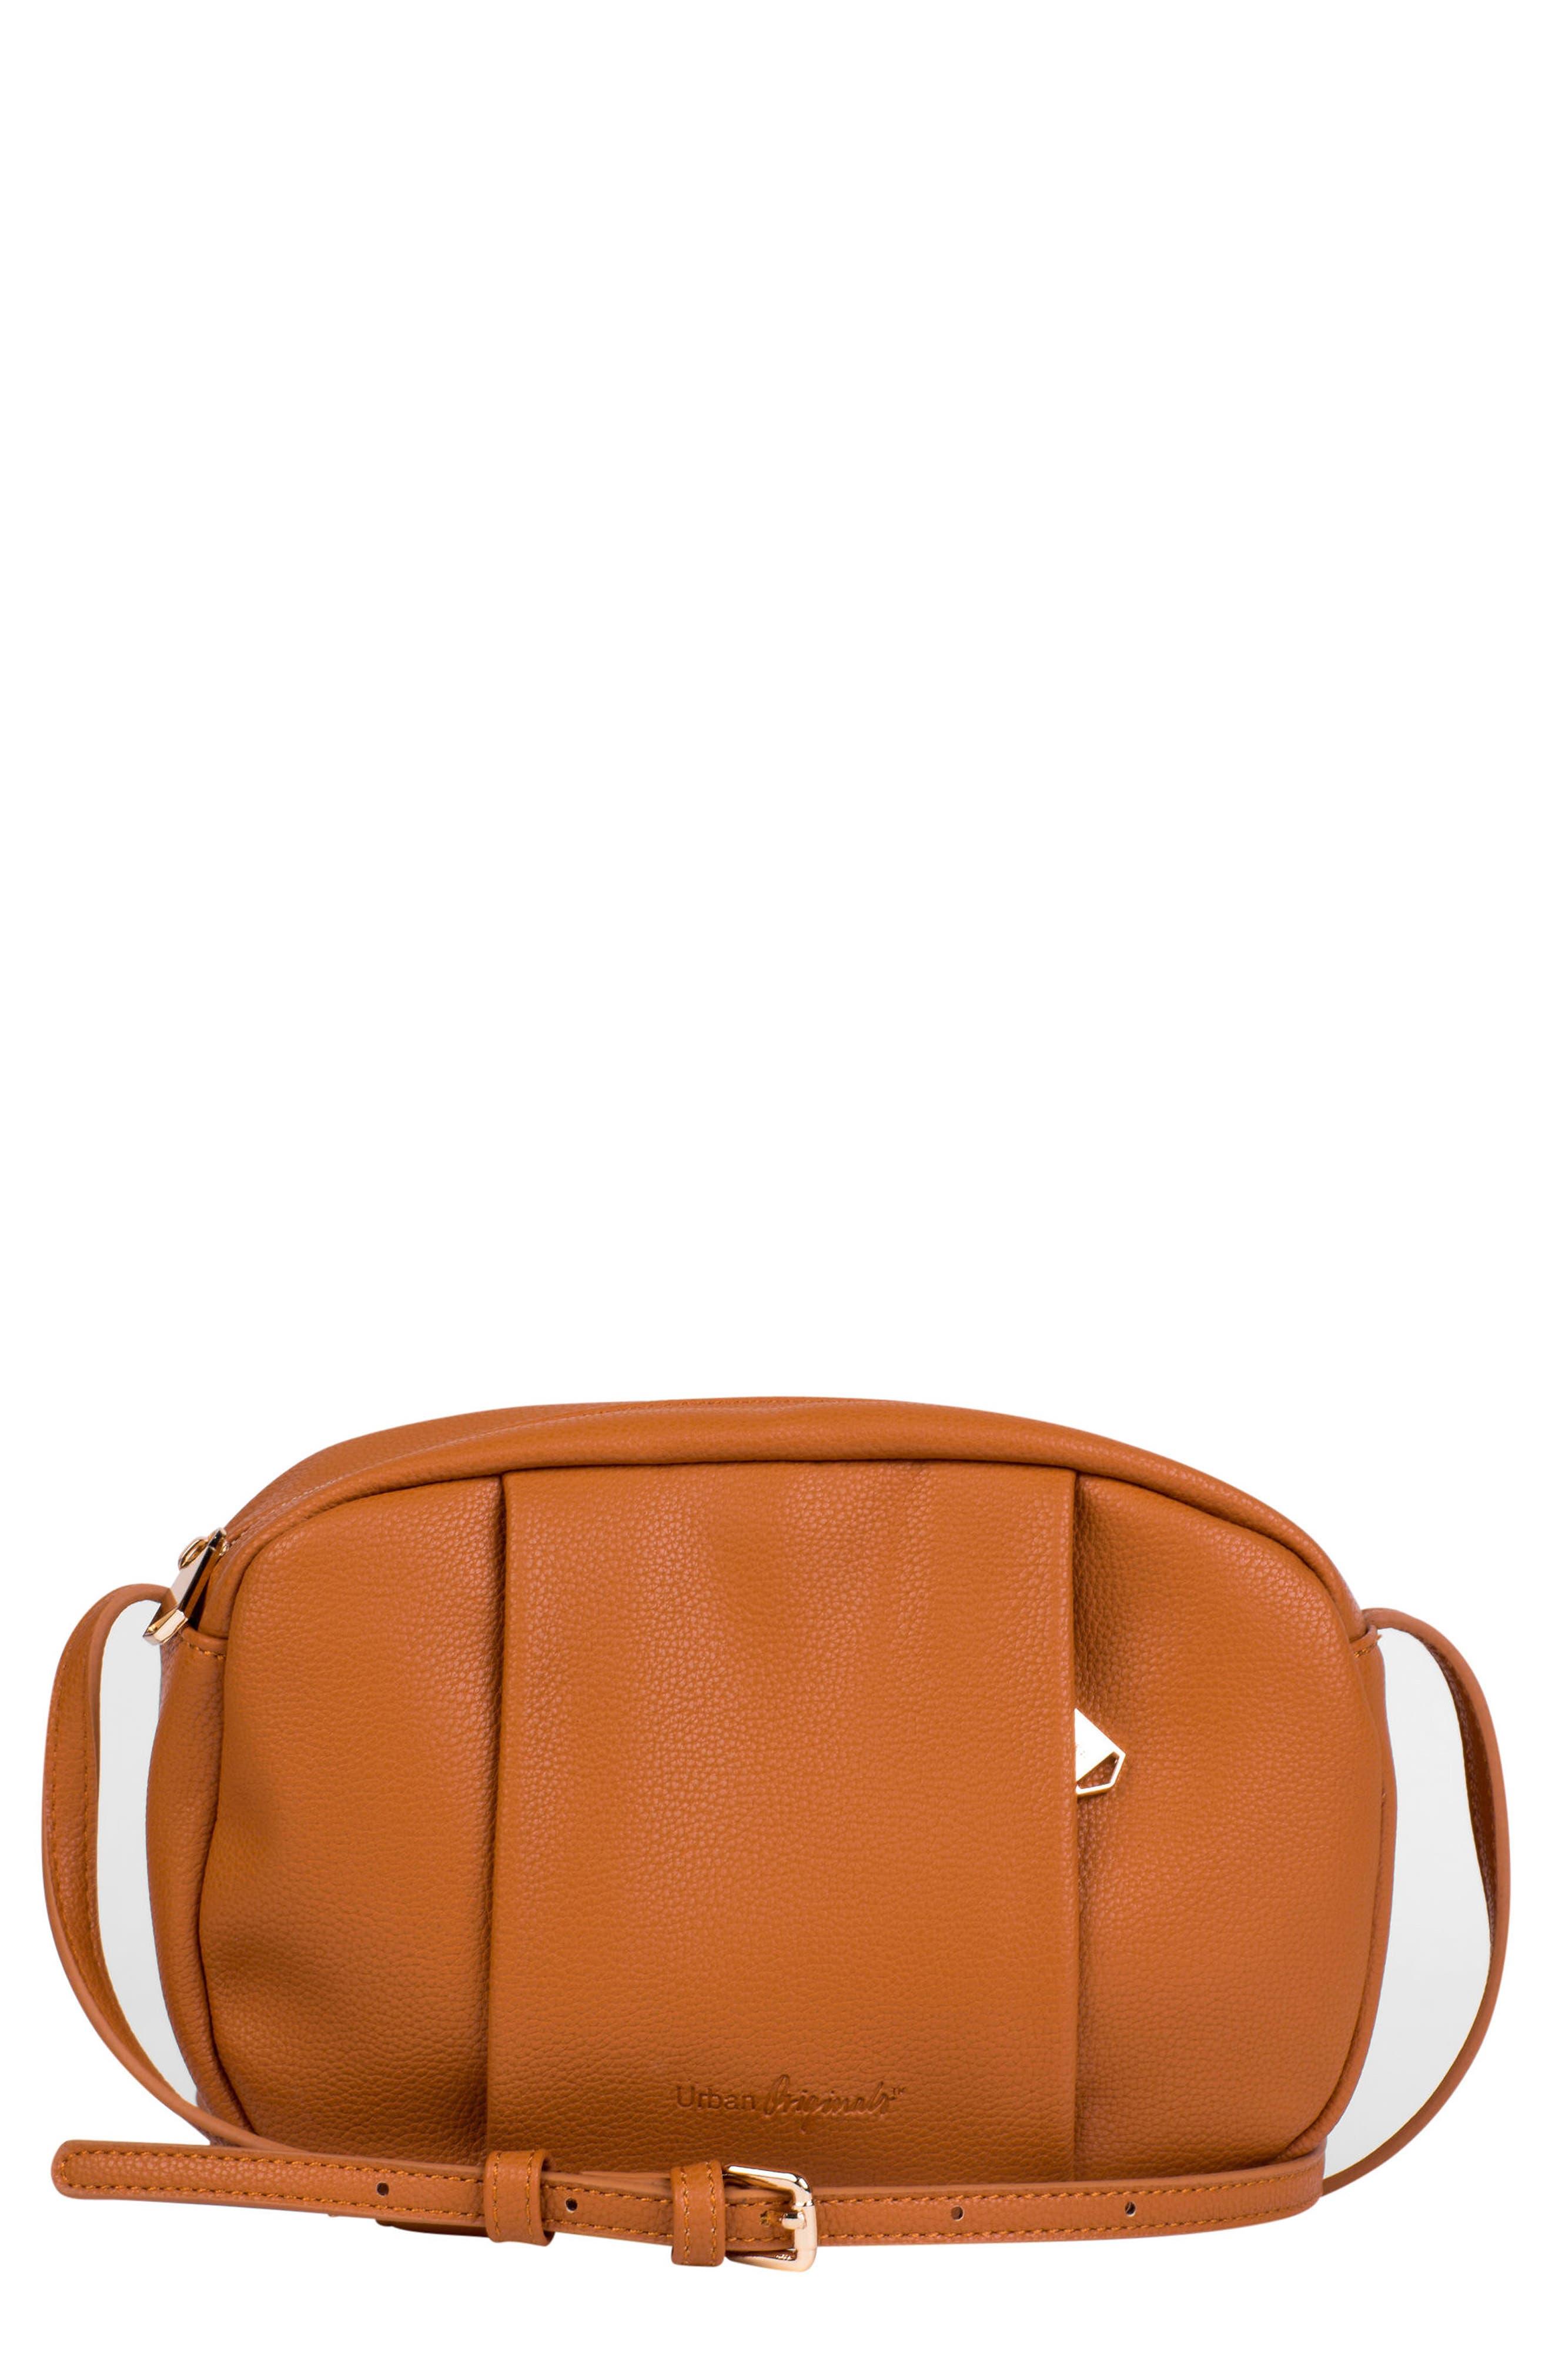 Story Teller Vegan Leather Crossbody Bag,                         Main,                         color, Tan